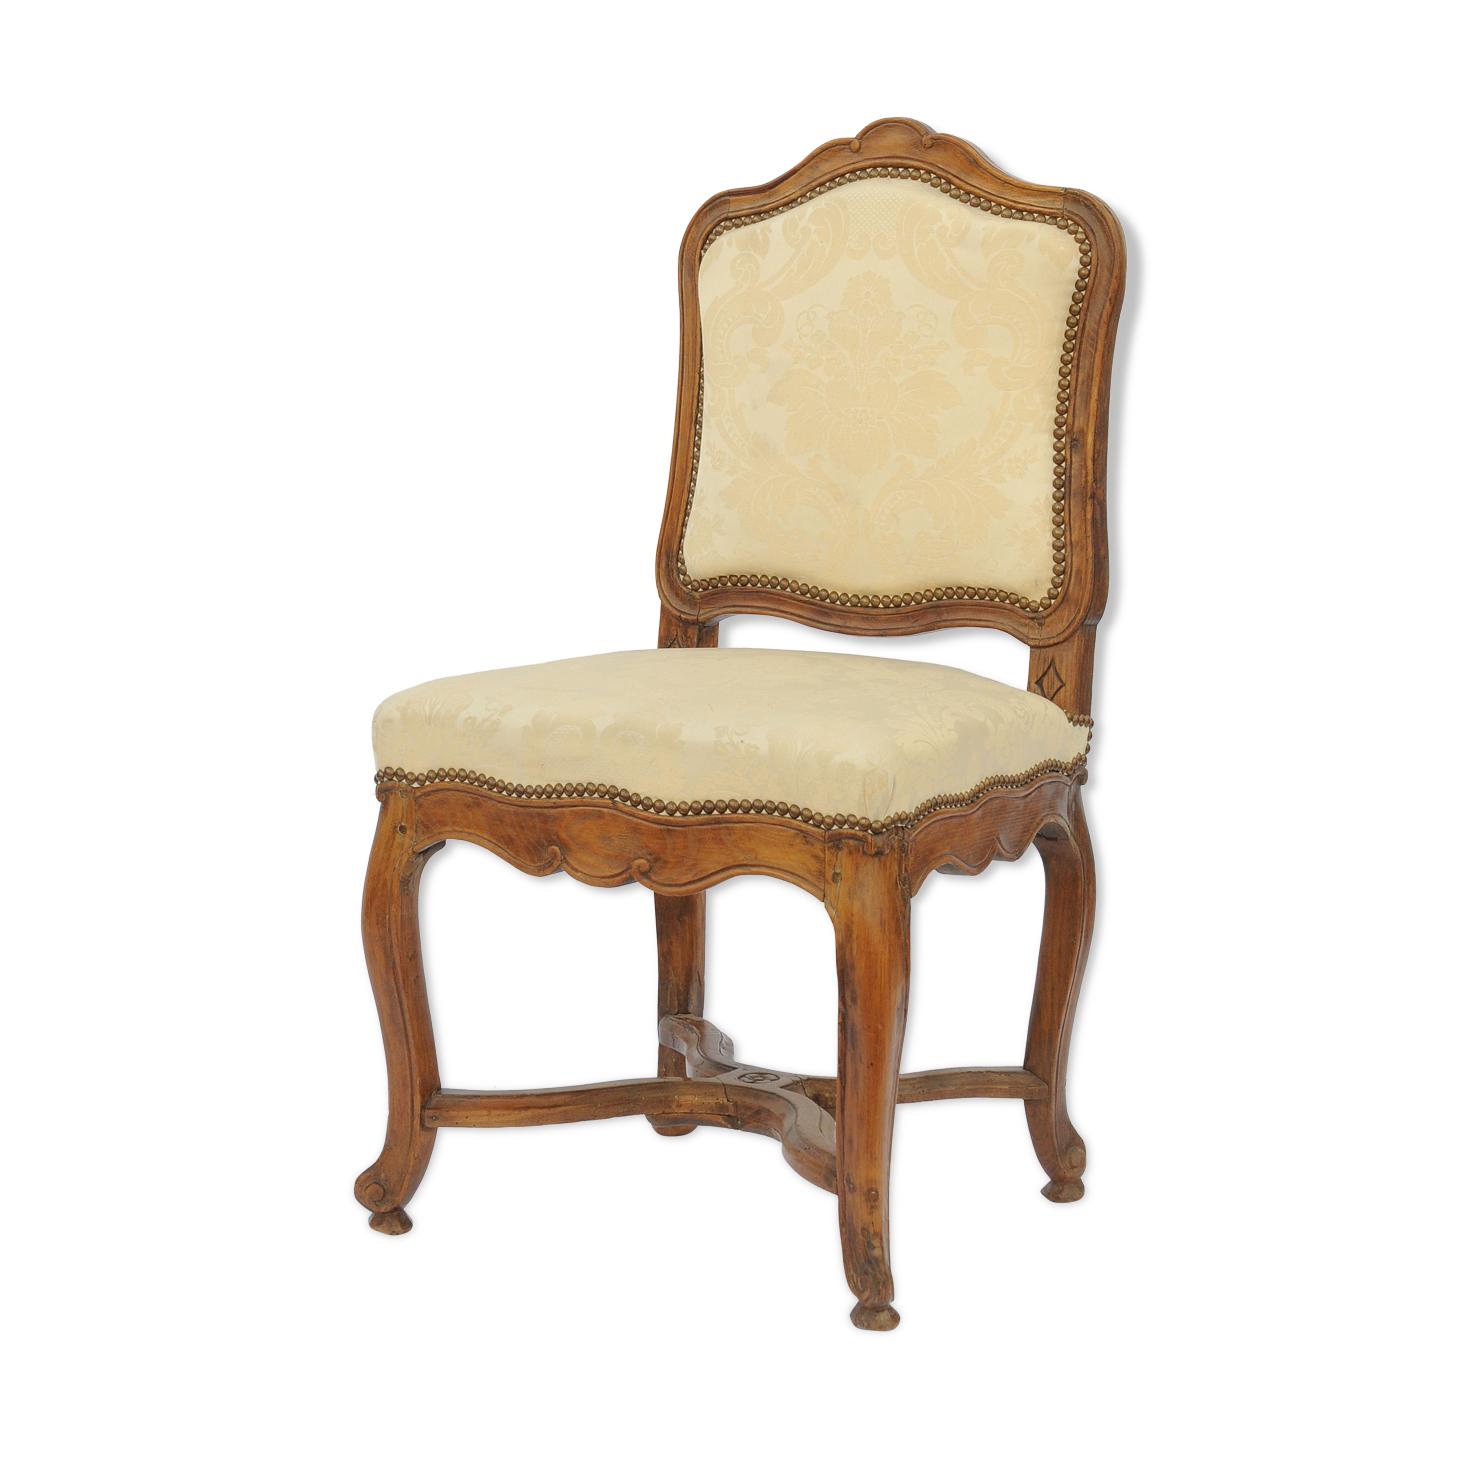 Chaise en bois naturel